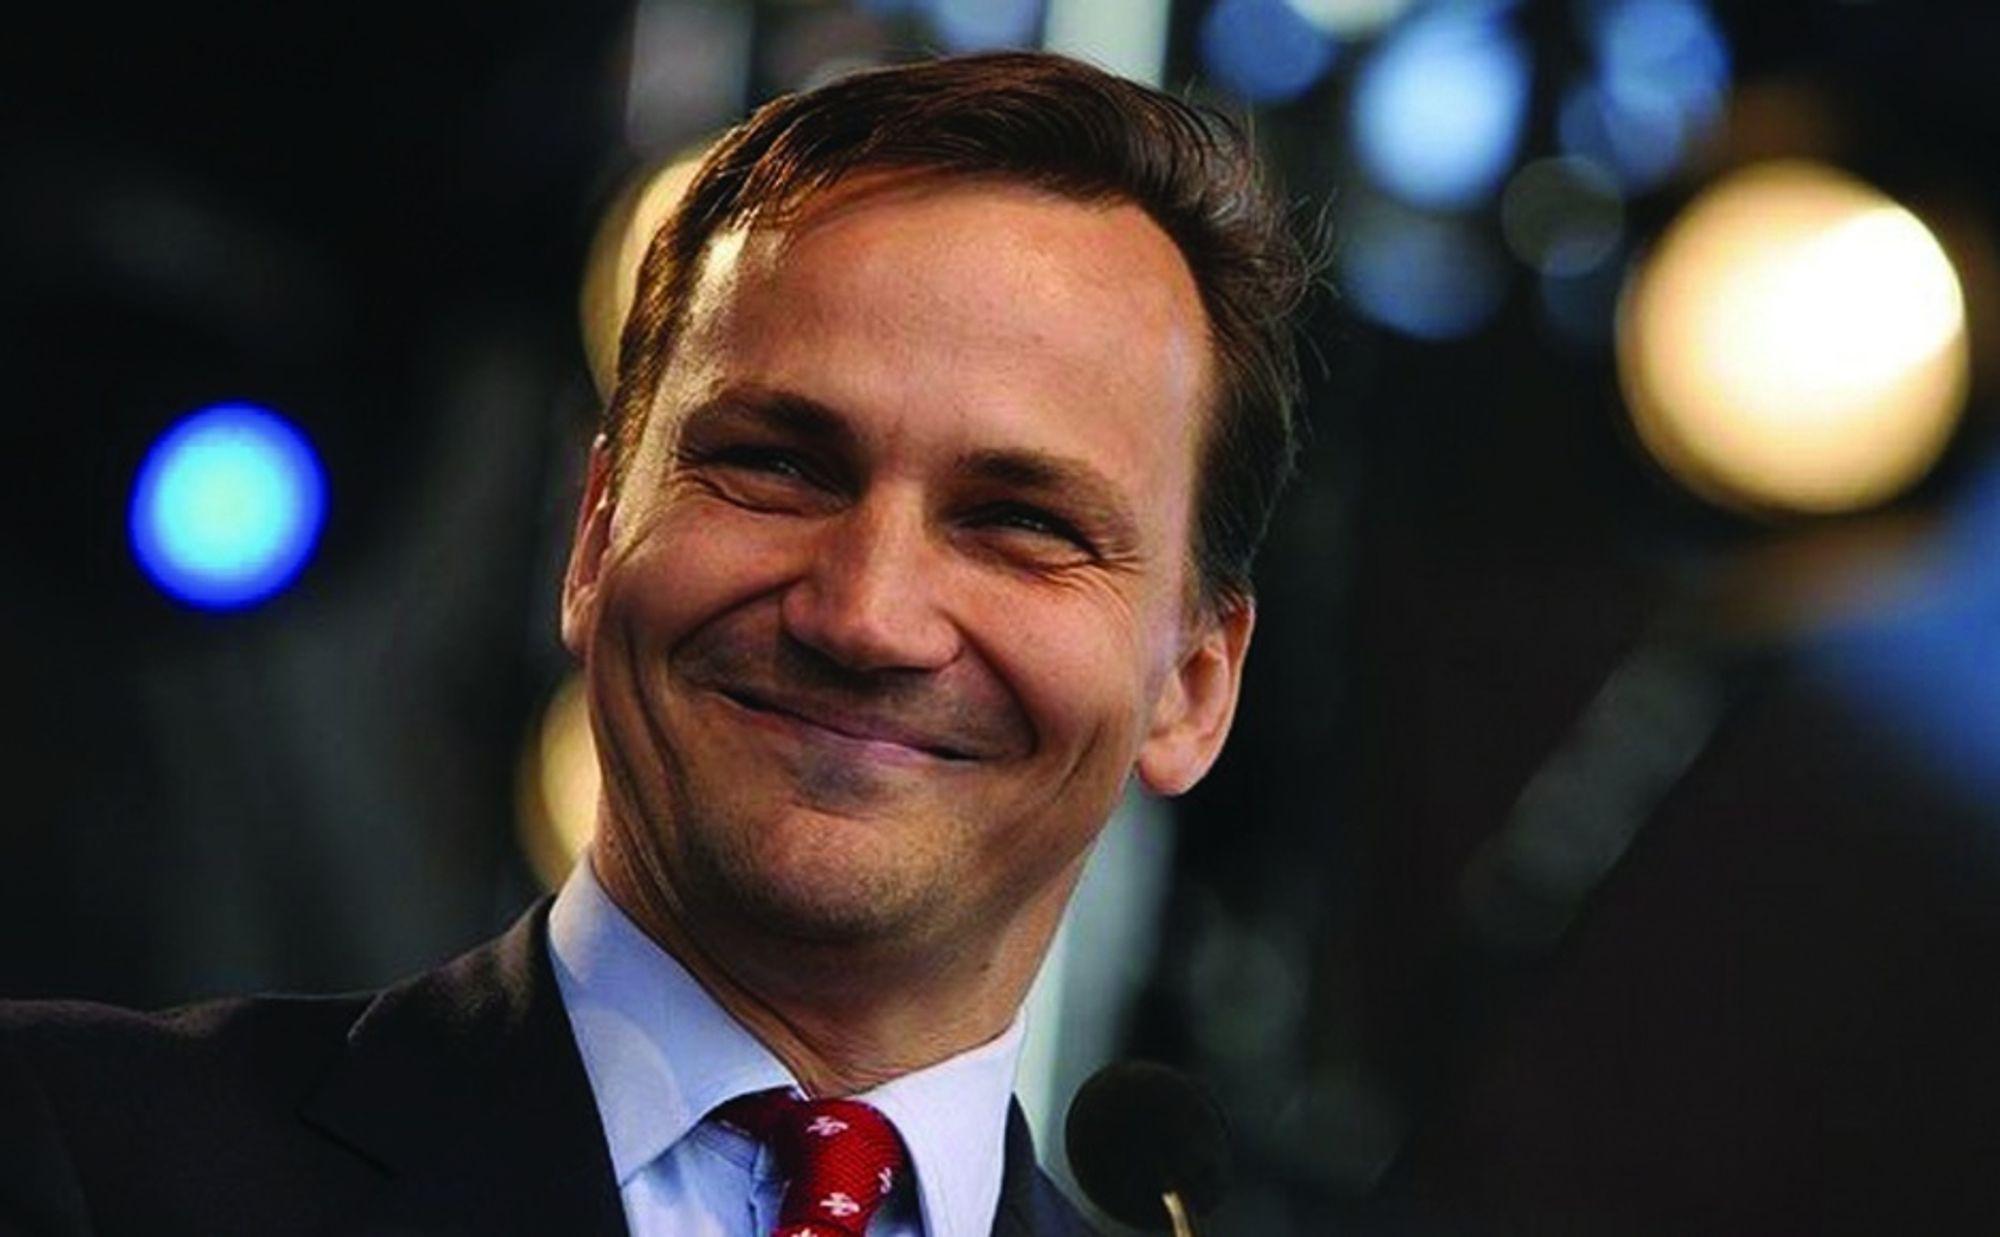 POLSK EUFORI: Polen kan bli et nytt Norge, tror utenriksminister Radoslav Sikorski.